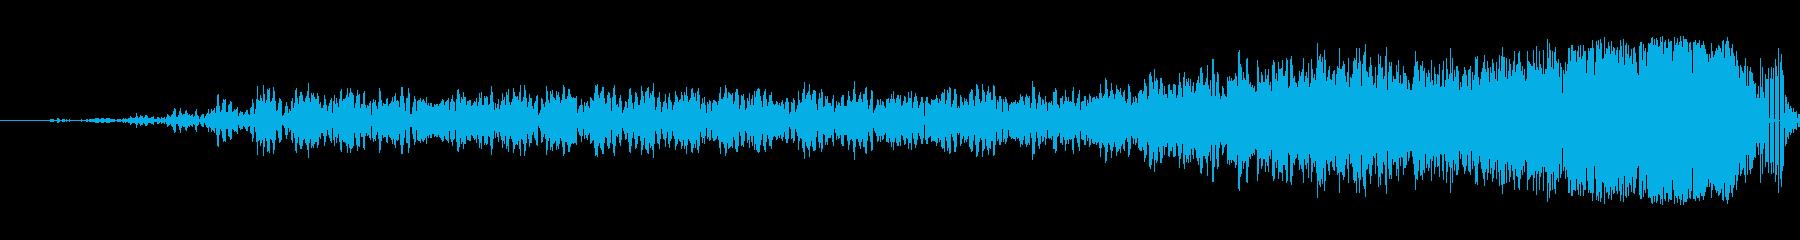 細いスワイプ5の再生済みの波形